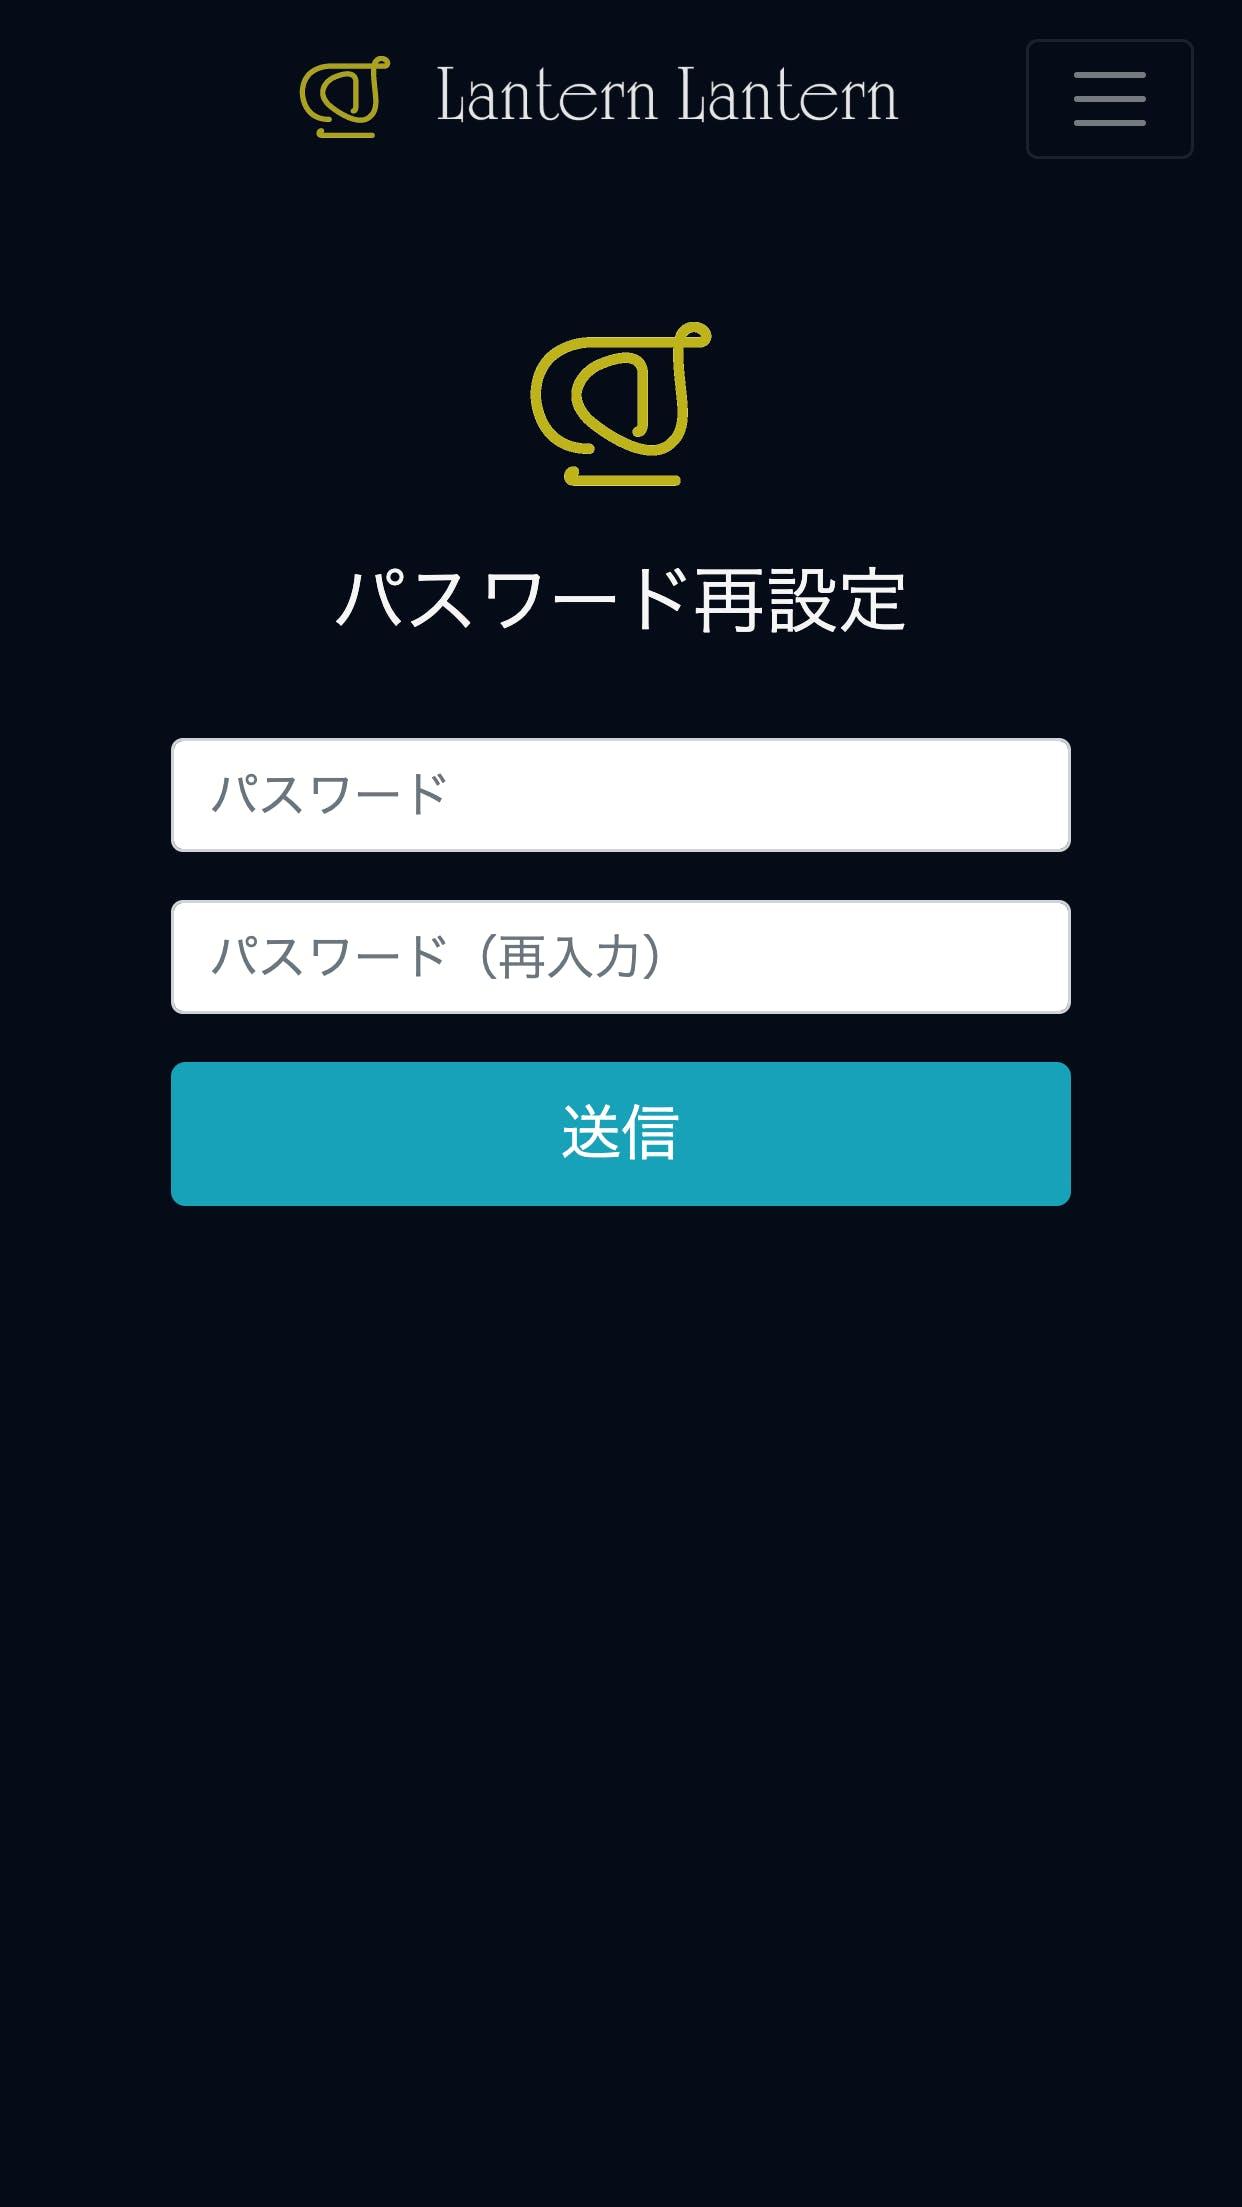 lantern_lantern_reset_password_2.png